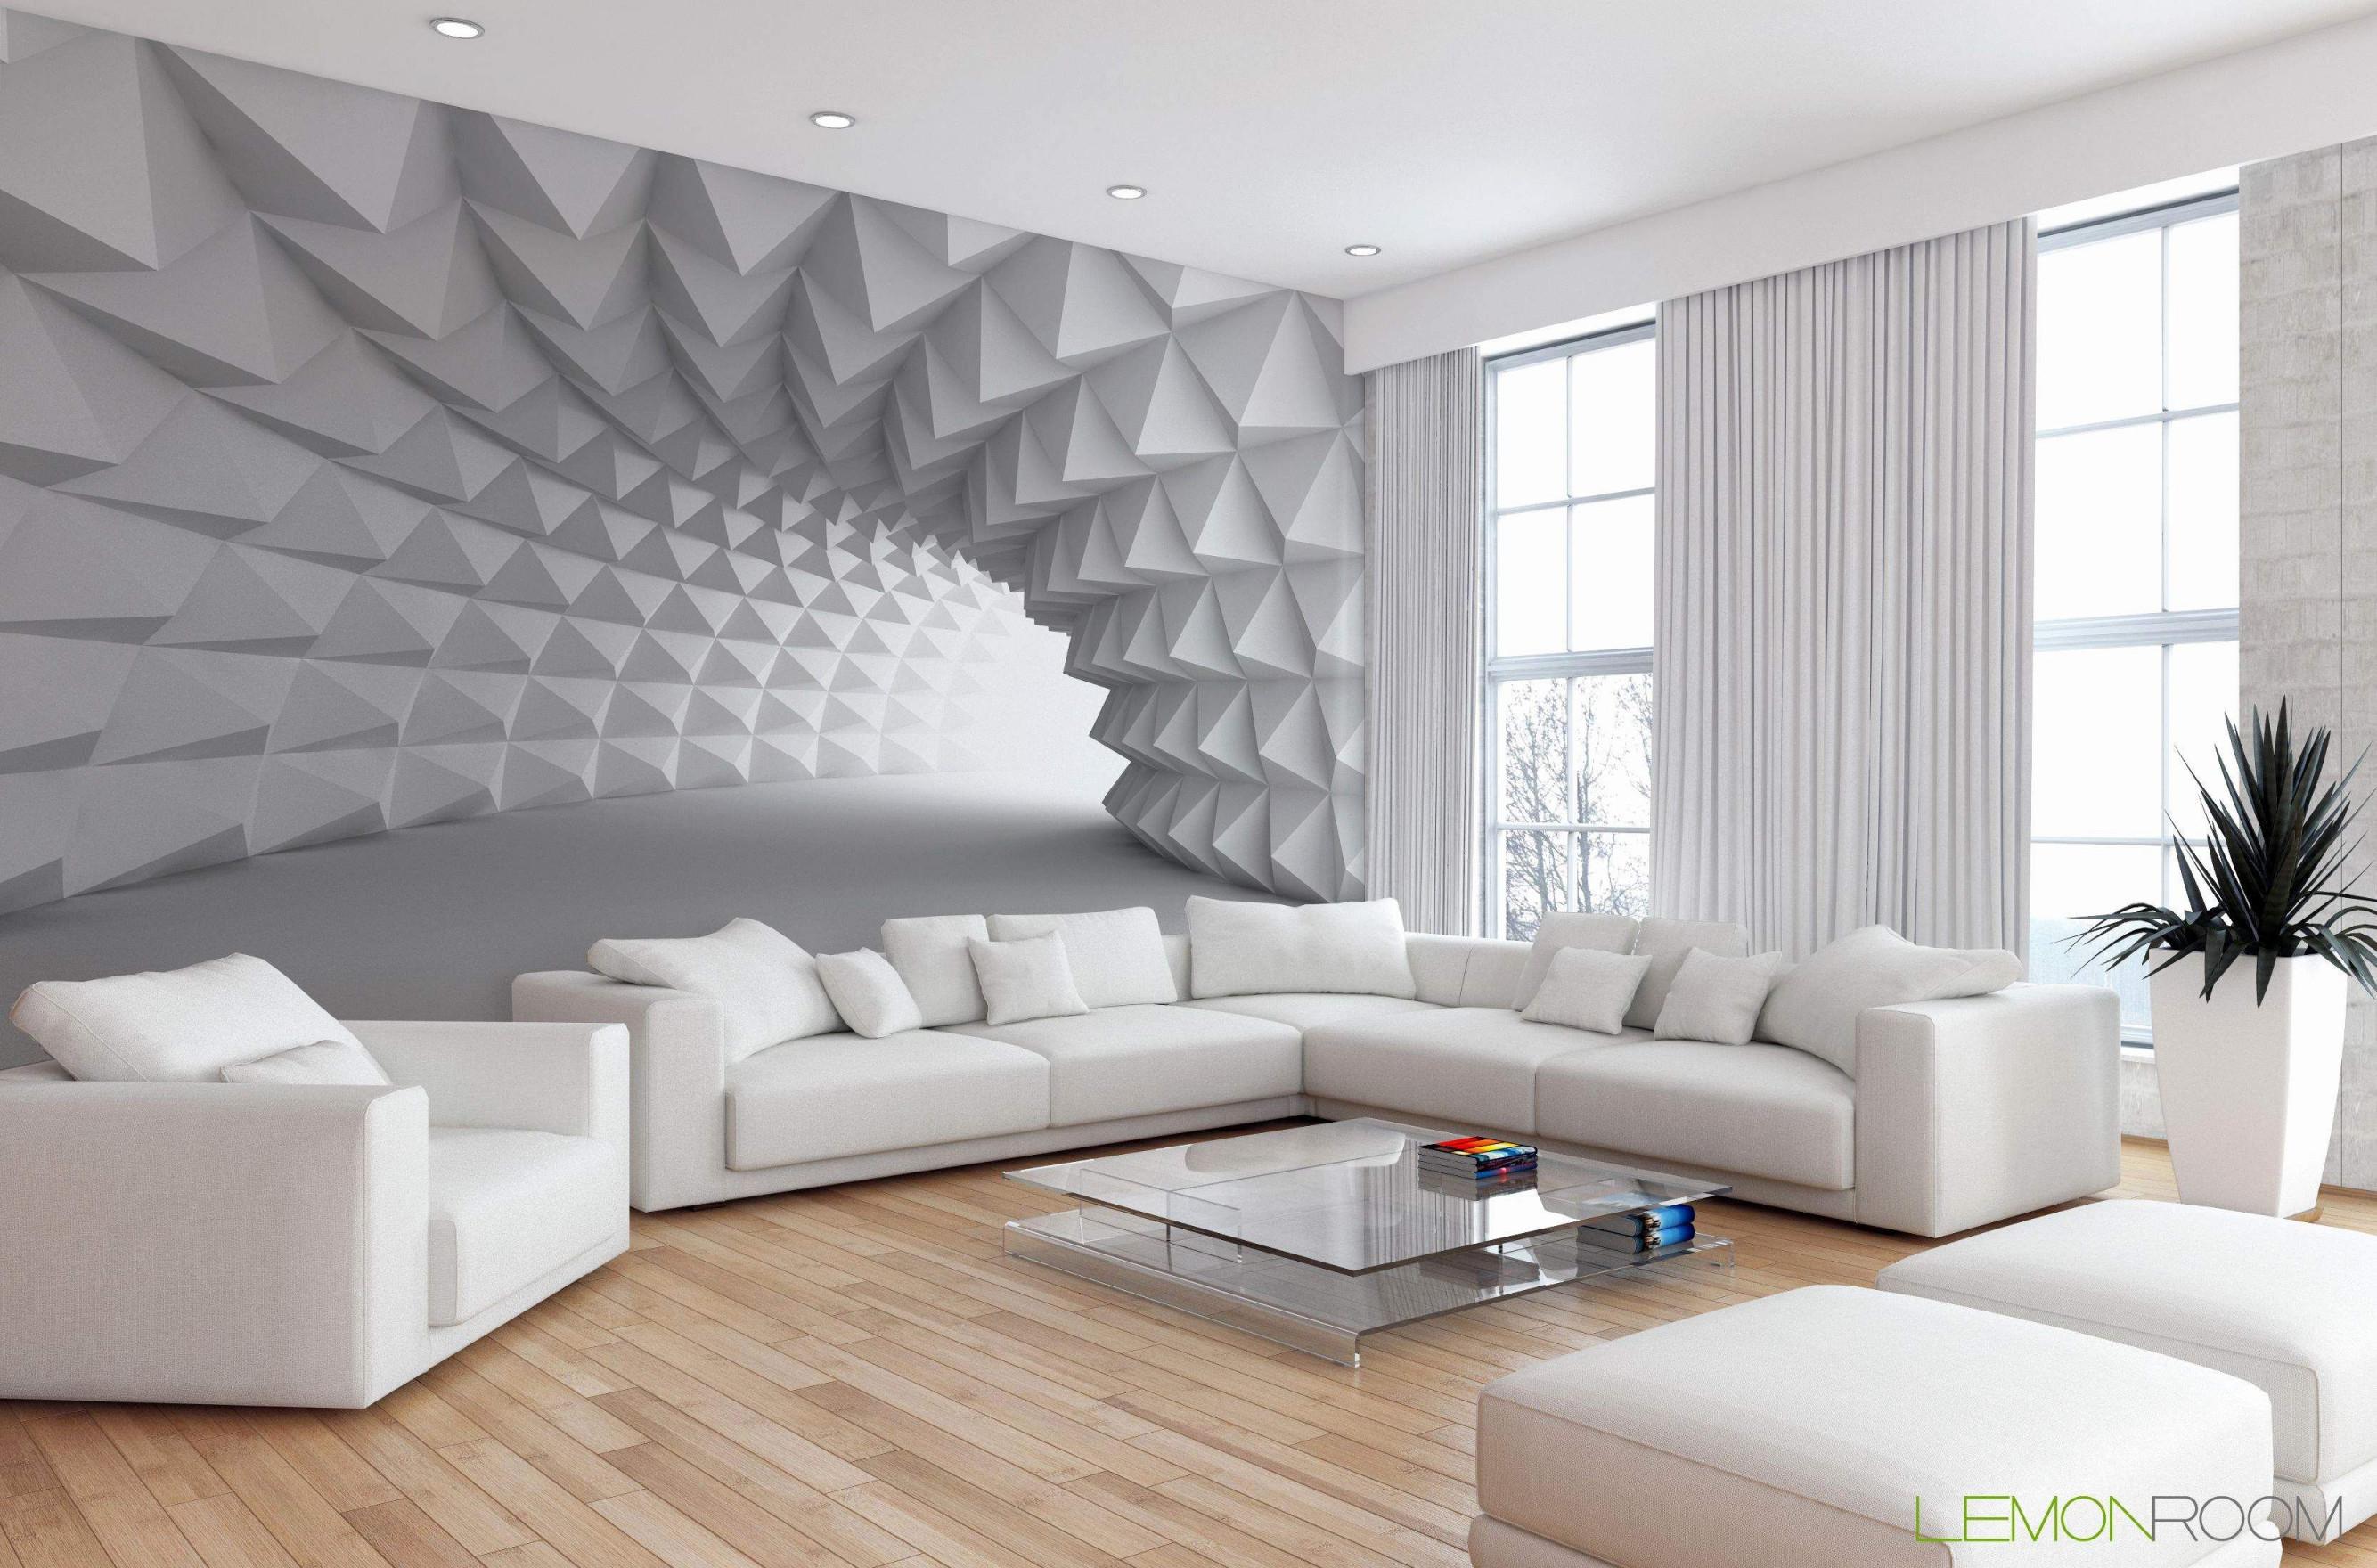 Moderne Wohnzimmer Tapeten Schön 31 Inspirierend Moderne von Tapeten Für Das Wohnzimmer Bild